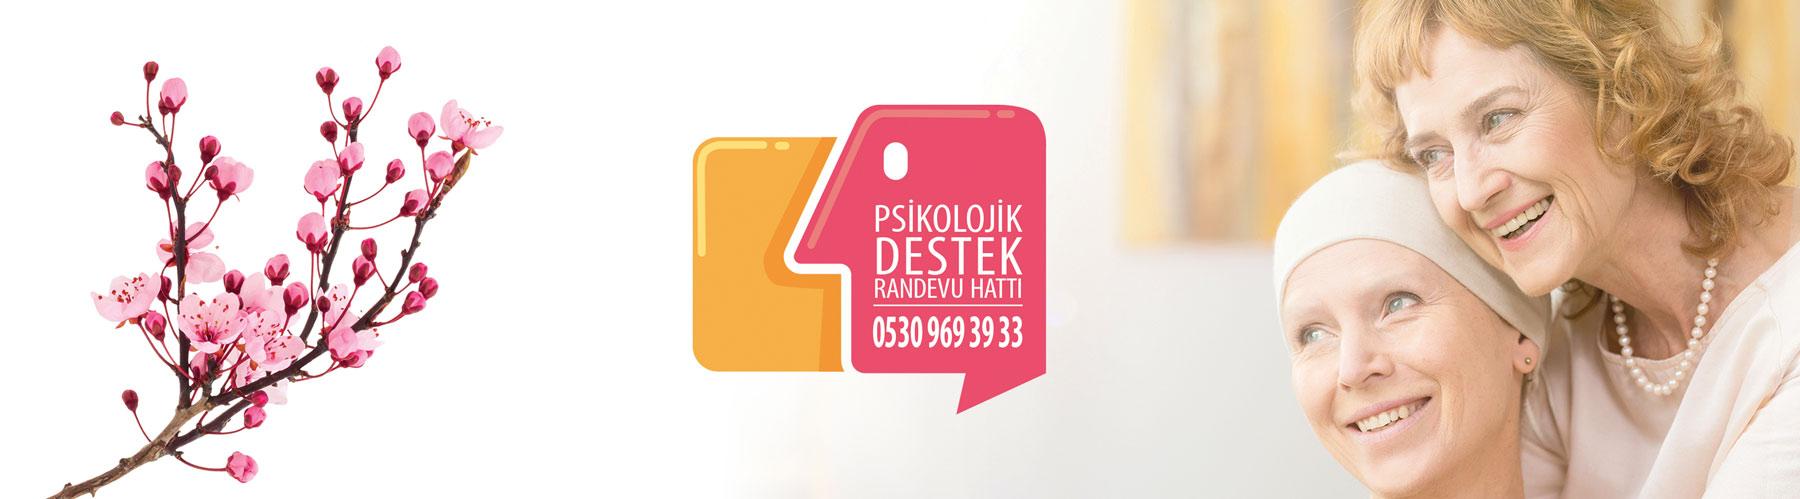 Psikoonkoloji desteği, mMK hastası kadınlarının ilk ve en önemli ihtiyacı.